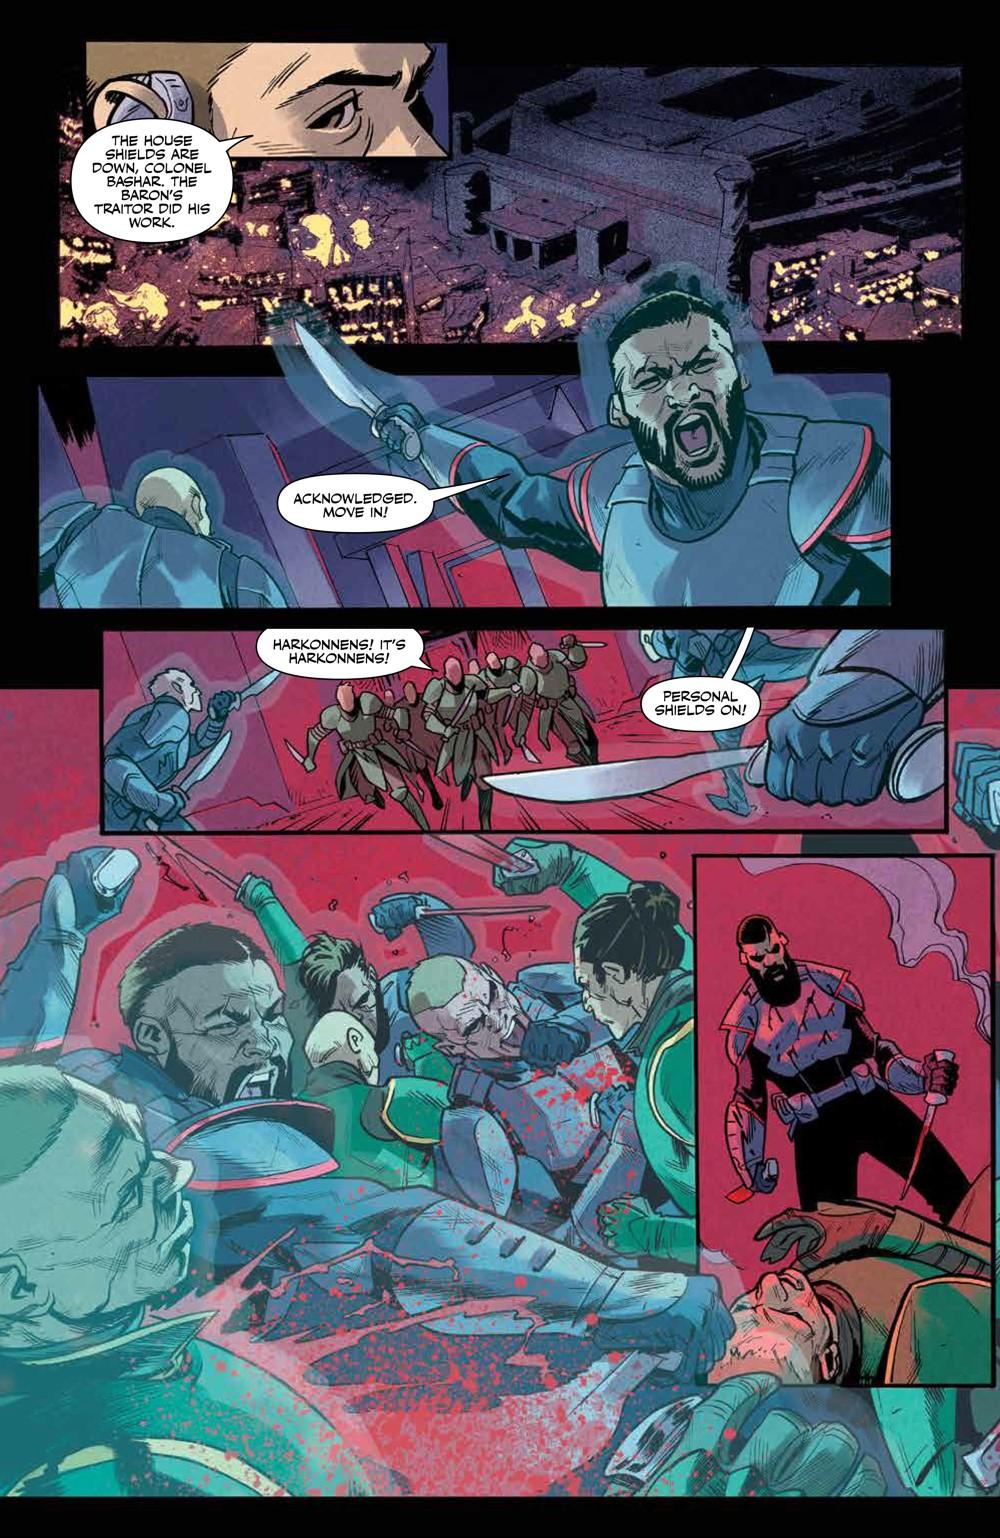 Dune_BloodSardaukar_001_PRESS_8 ComicList Previews: DUNE BLOOD OF THE SARDAUKAR #1